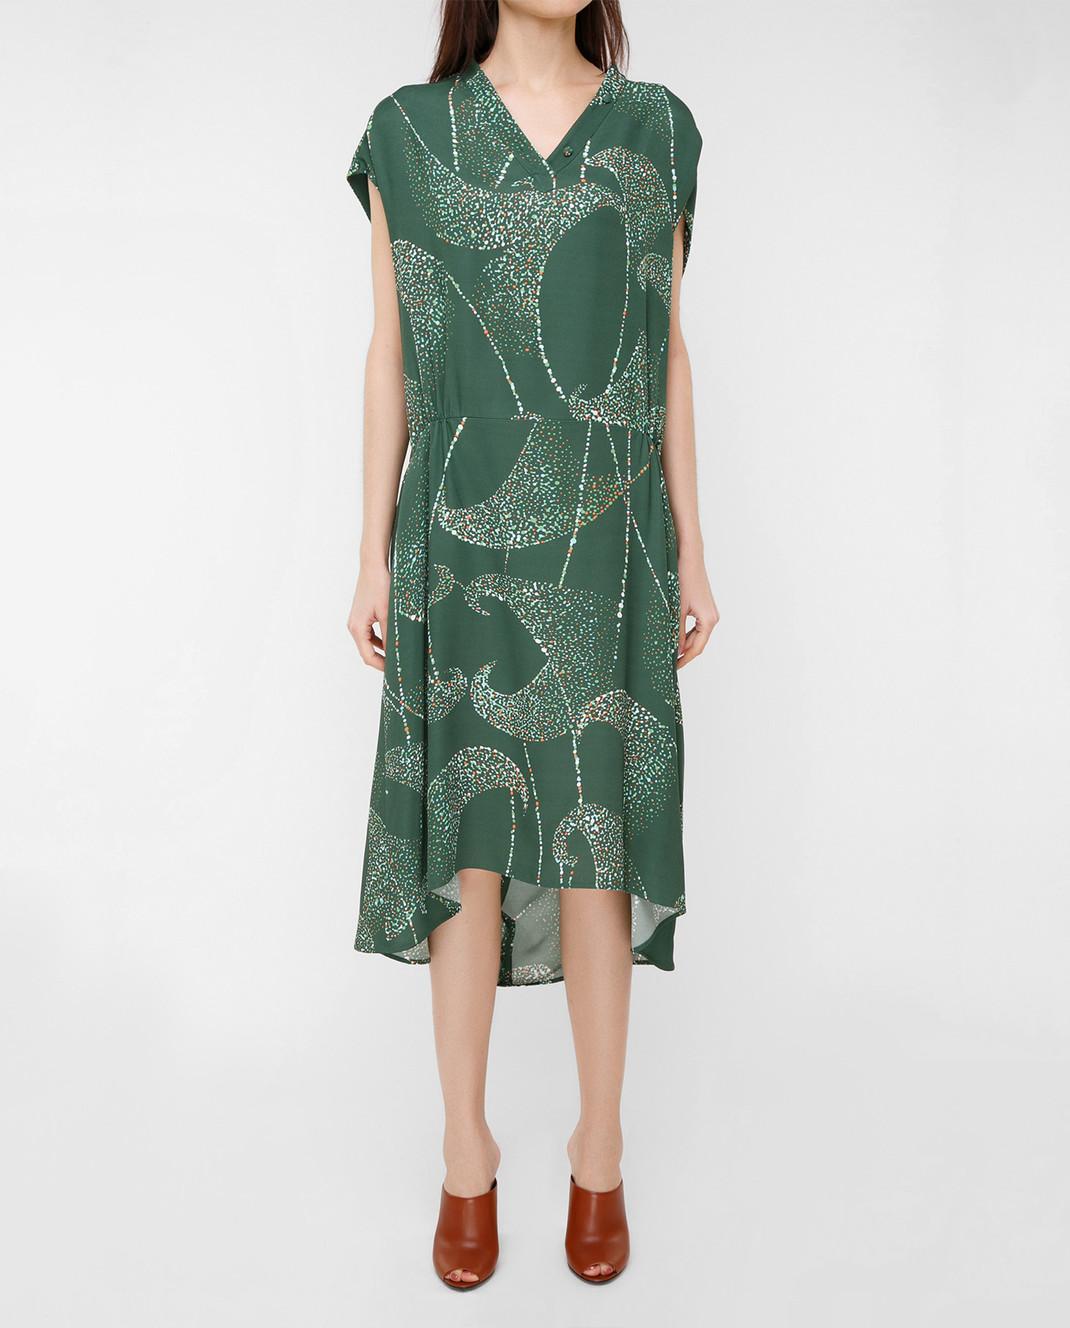 Balenciaga Зеленое платье 456946 изображение 3